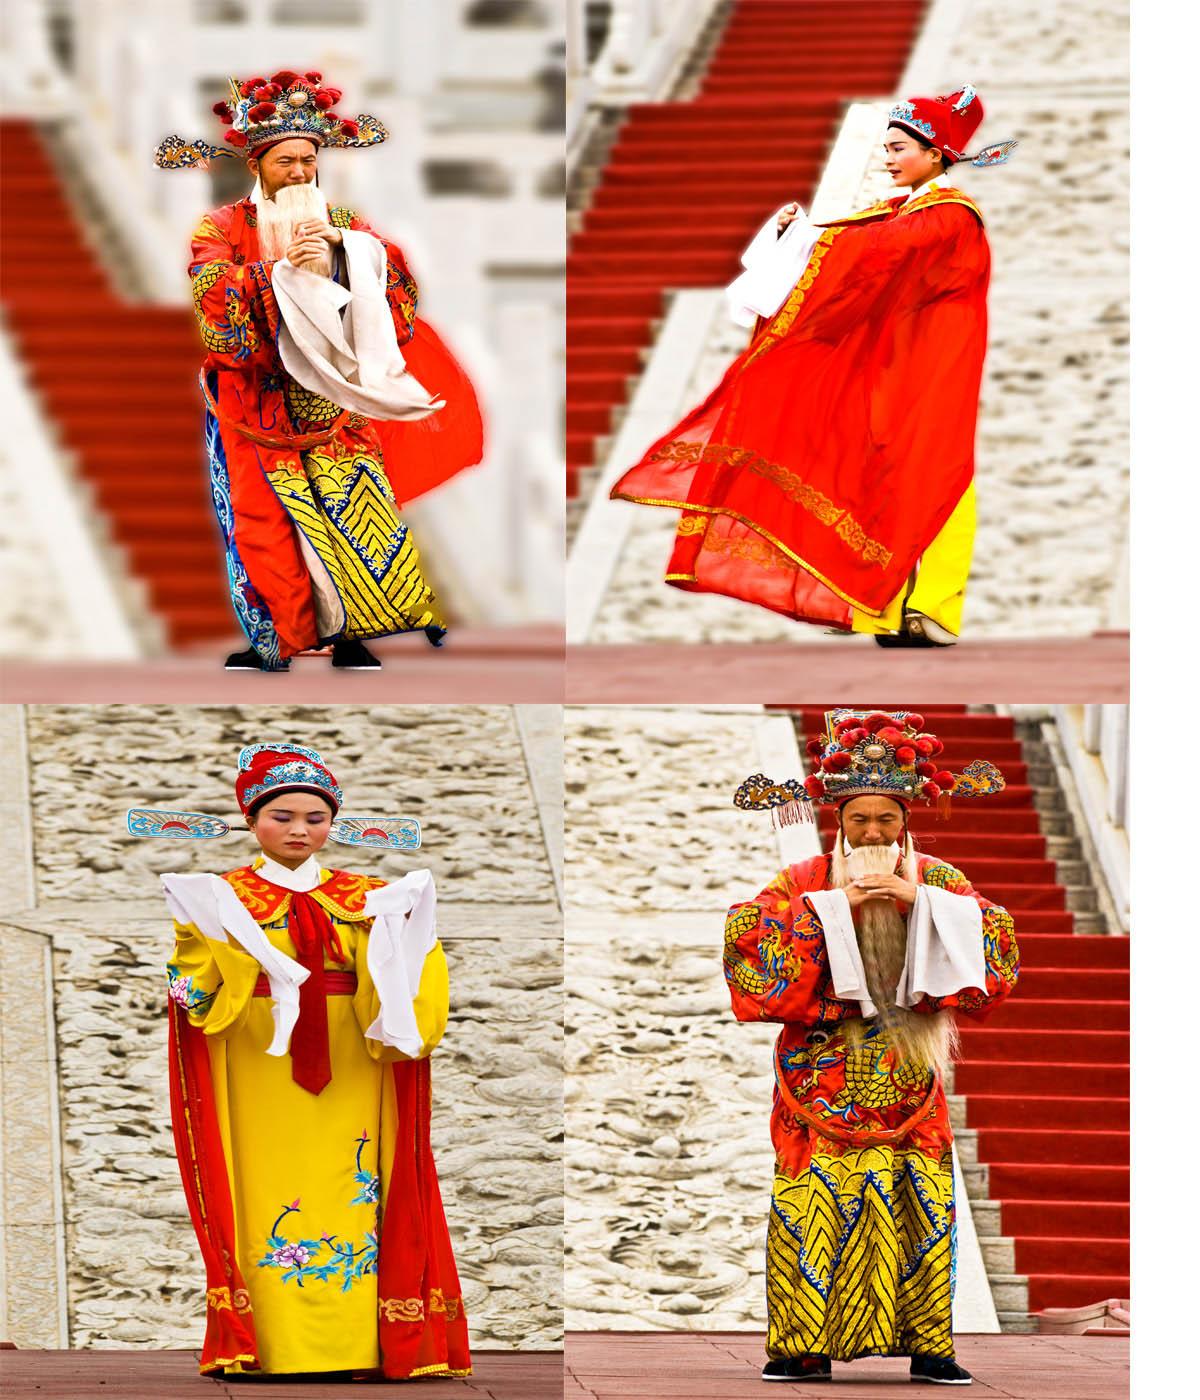 趁着国庆长假的第二天,身为本地人却是第一次来到同安影视城,虽然天空阴沉沉的但却被舞动的异国风情而煽动,原来紫禁城内国庆期间主办方正在举行《第一首届皇宫国际影视艺术盛会》的`活动,来自俄罗斯和东妮亚艺术团的艺员们尽情演绎,时而哈萨克的风情舞动,时而是格格的娇媚柔情。。。。。。 同安影视城,位于同安区五显镇的东溪河西岸,占地面积1000亩,第一期占地180亩,是一处大型的仿古人造娱乐城。距厦门市35公里,位于北辰山、梵天寺旅游线上。是前远华集团投资兴建的仿古人造景观娱乐城。 于1998年落成。   同安影视